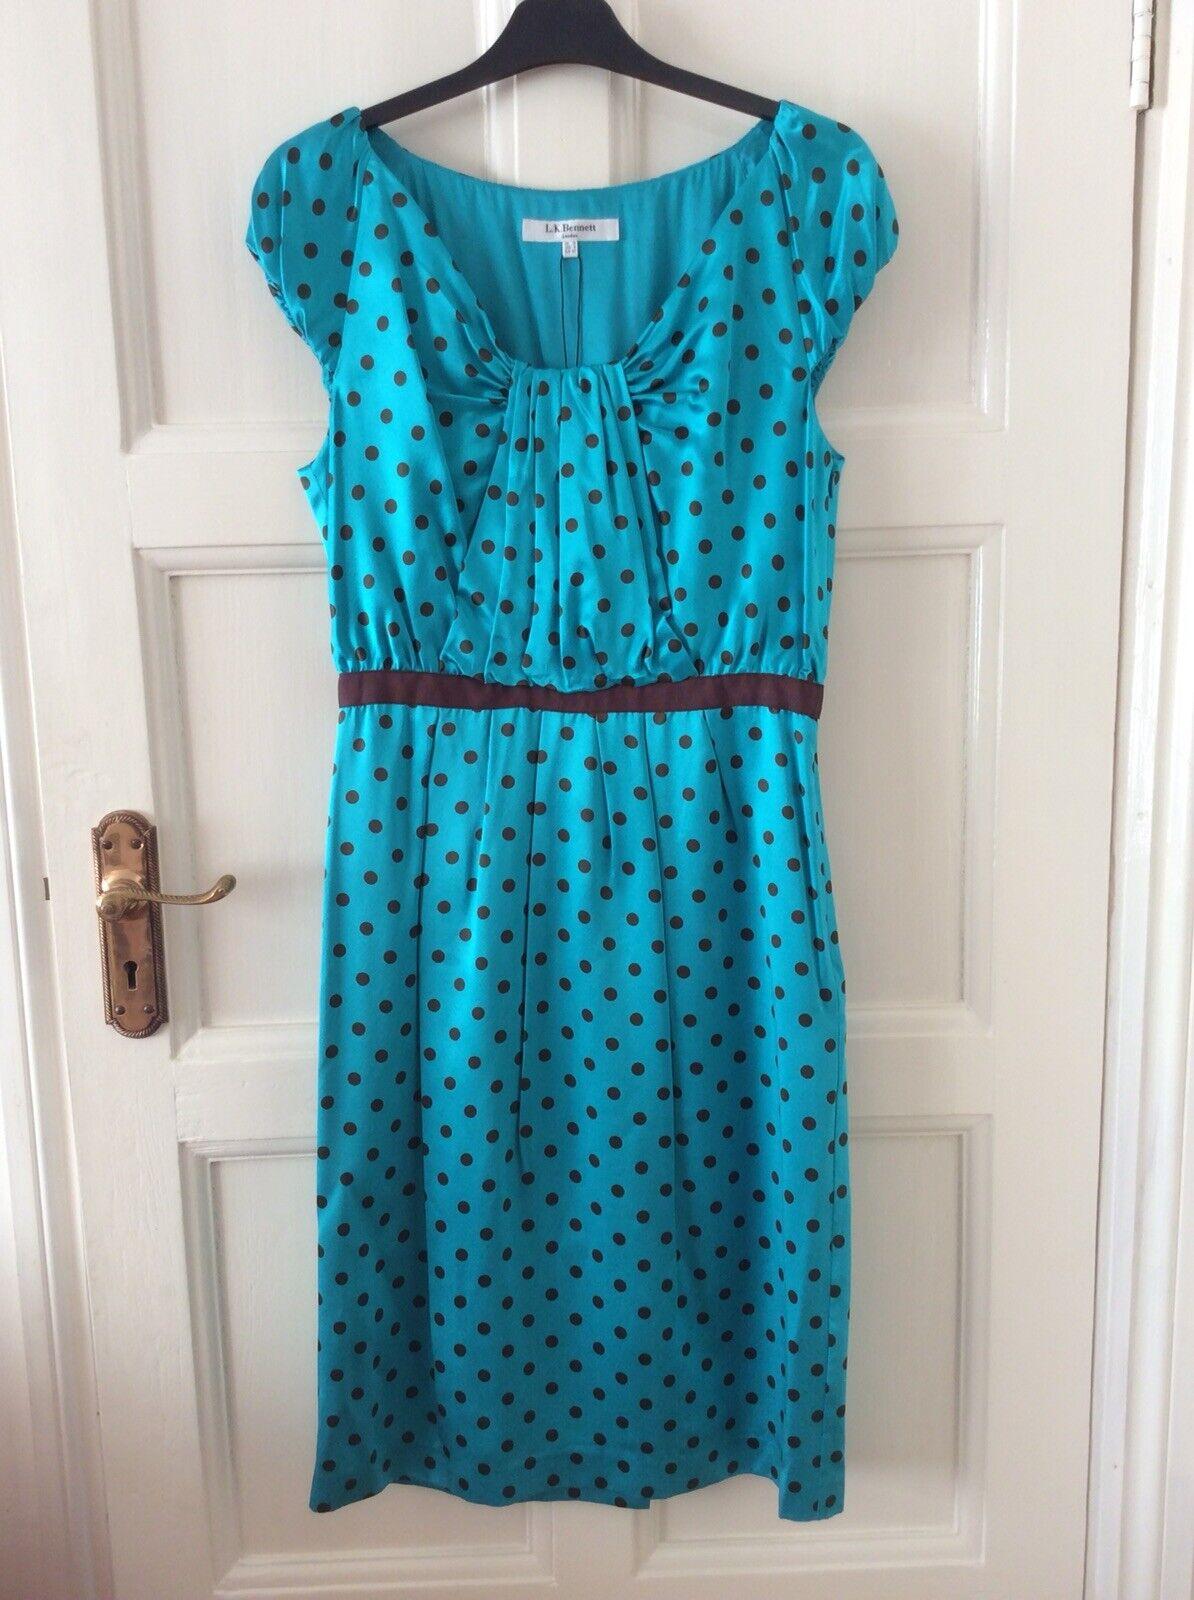 BNWT L.K. BENNETT Sahara Polka Dot Turquoise Robe en soie taille 12